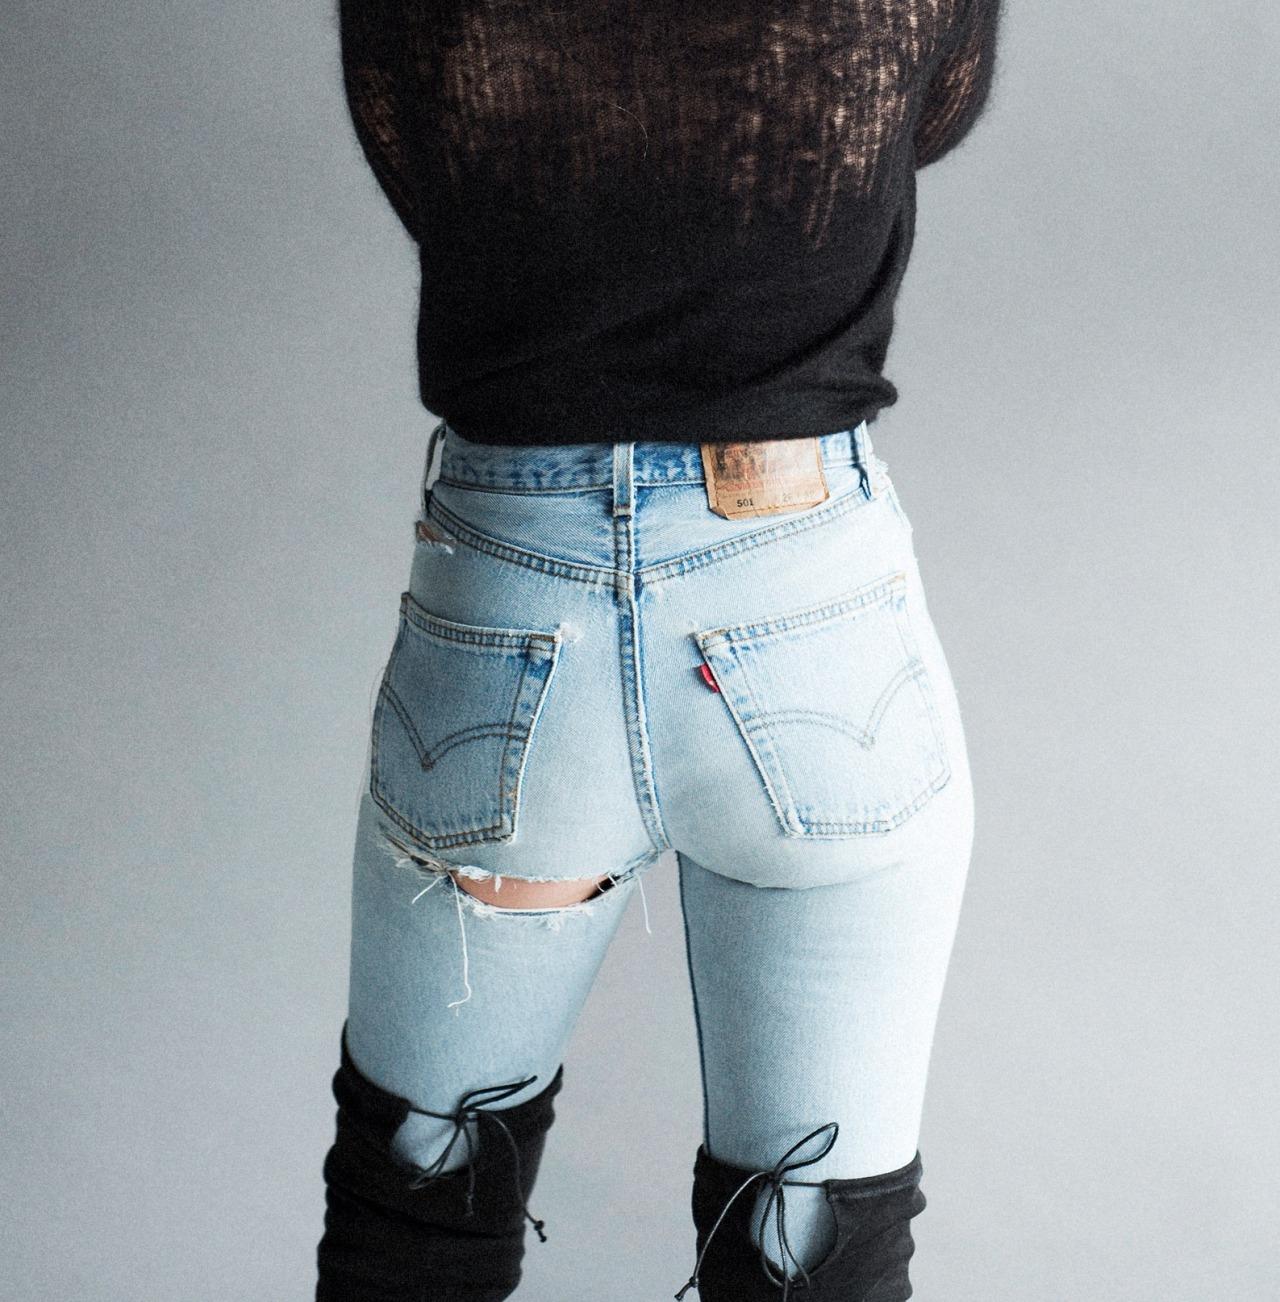 【着尻エロ画像】脱ぎにくそう…ジーンズ履いてラインが明確な着衣尻www 10